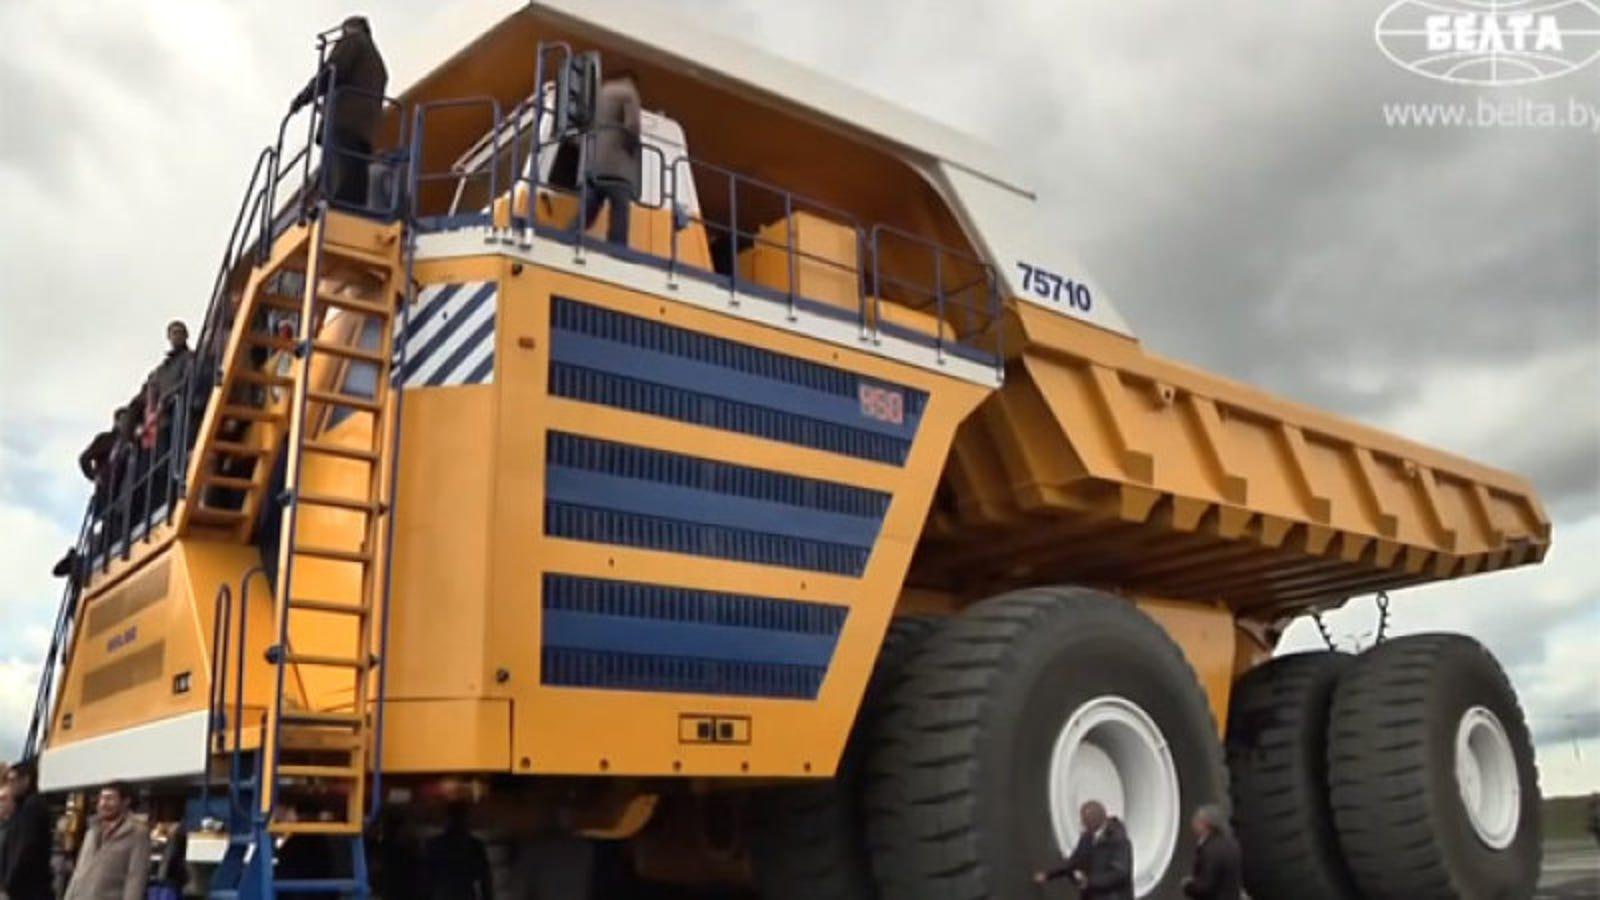 El camión más grande del mundo es una bestia de 810 toneladas